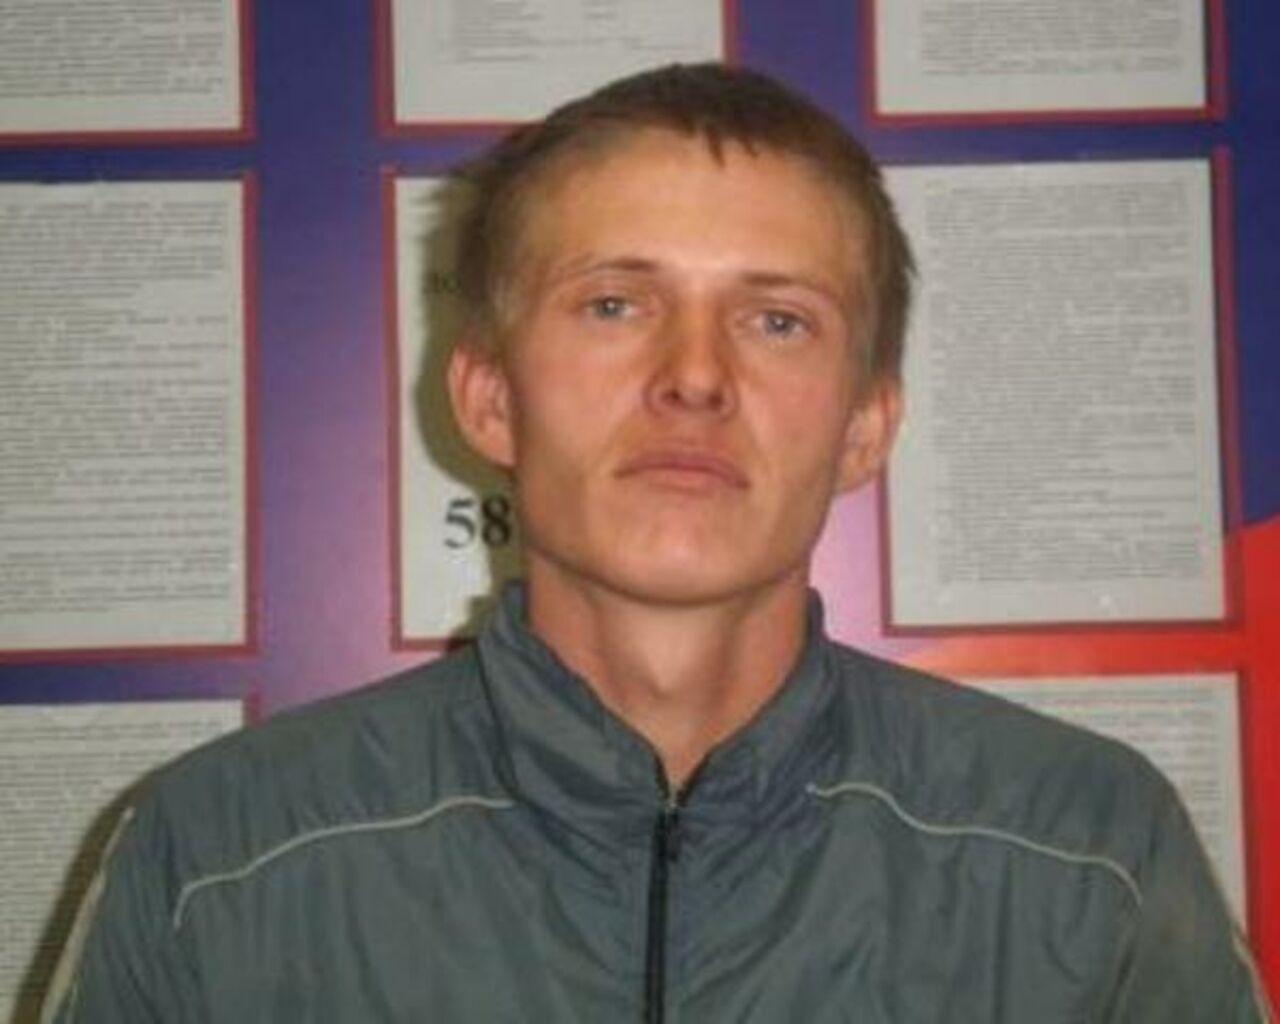 ВКировской области схвачен мужчина, подозреваемый вубийстве девушки